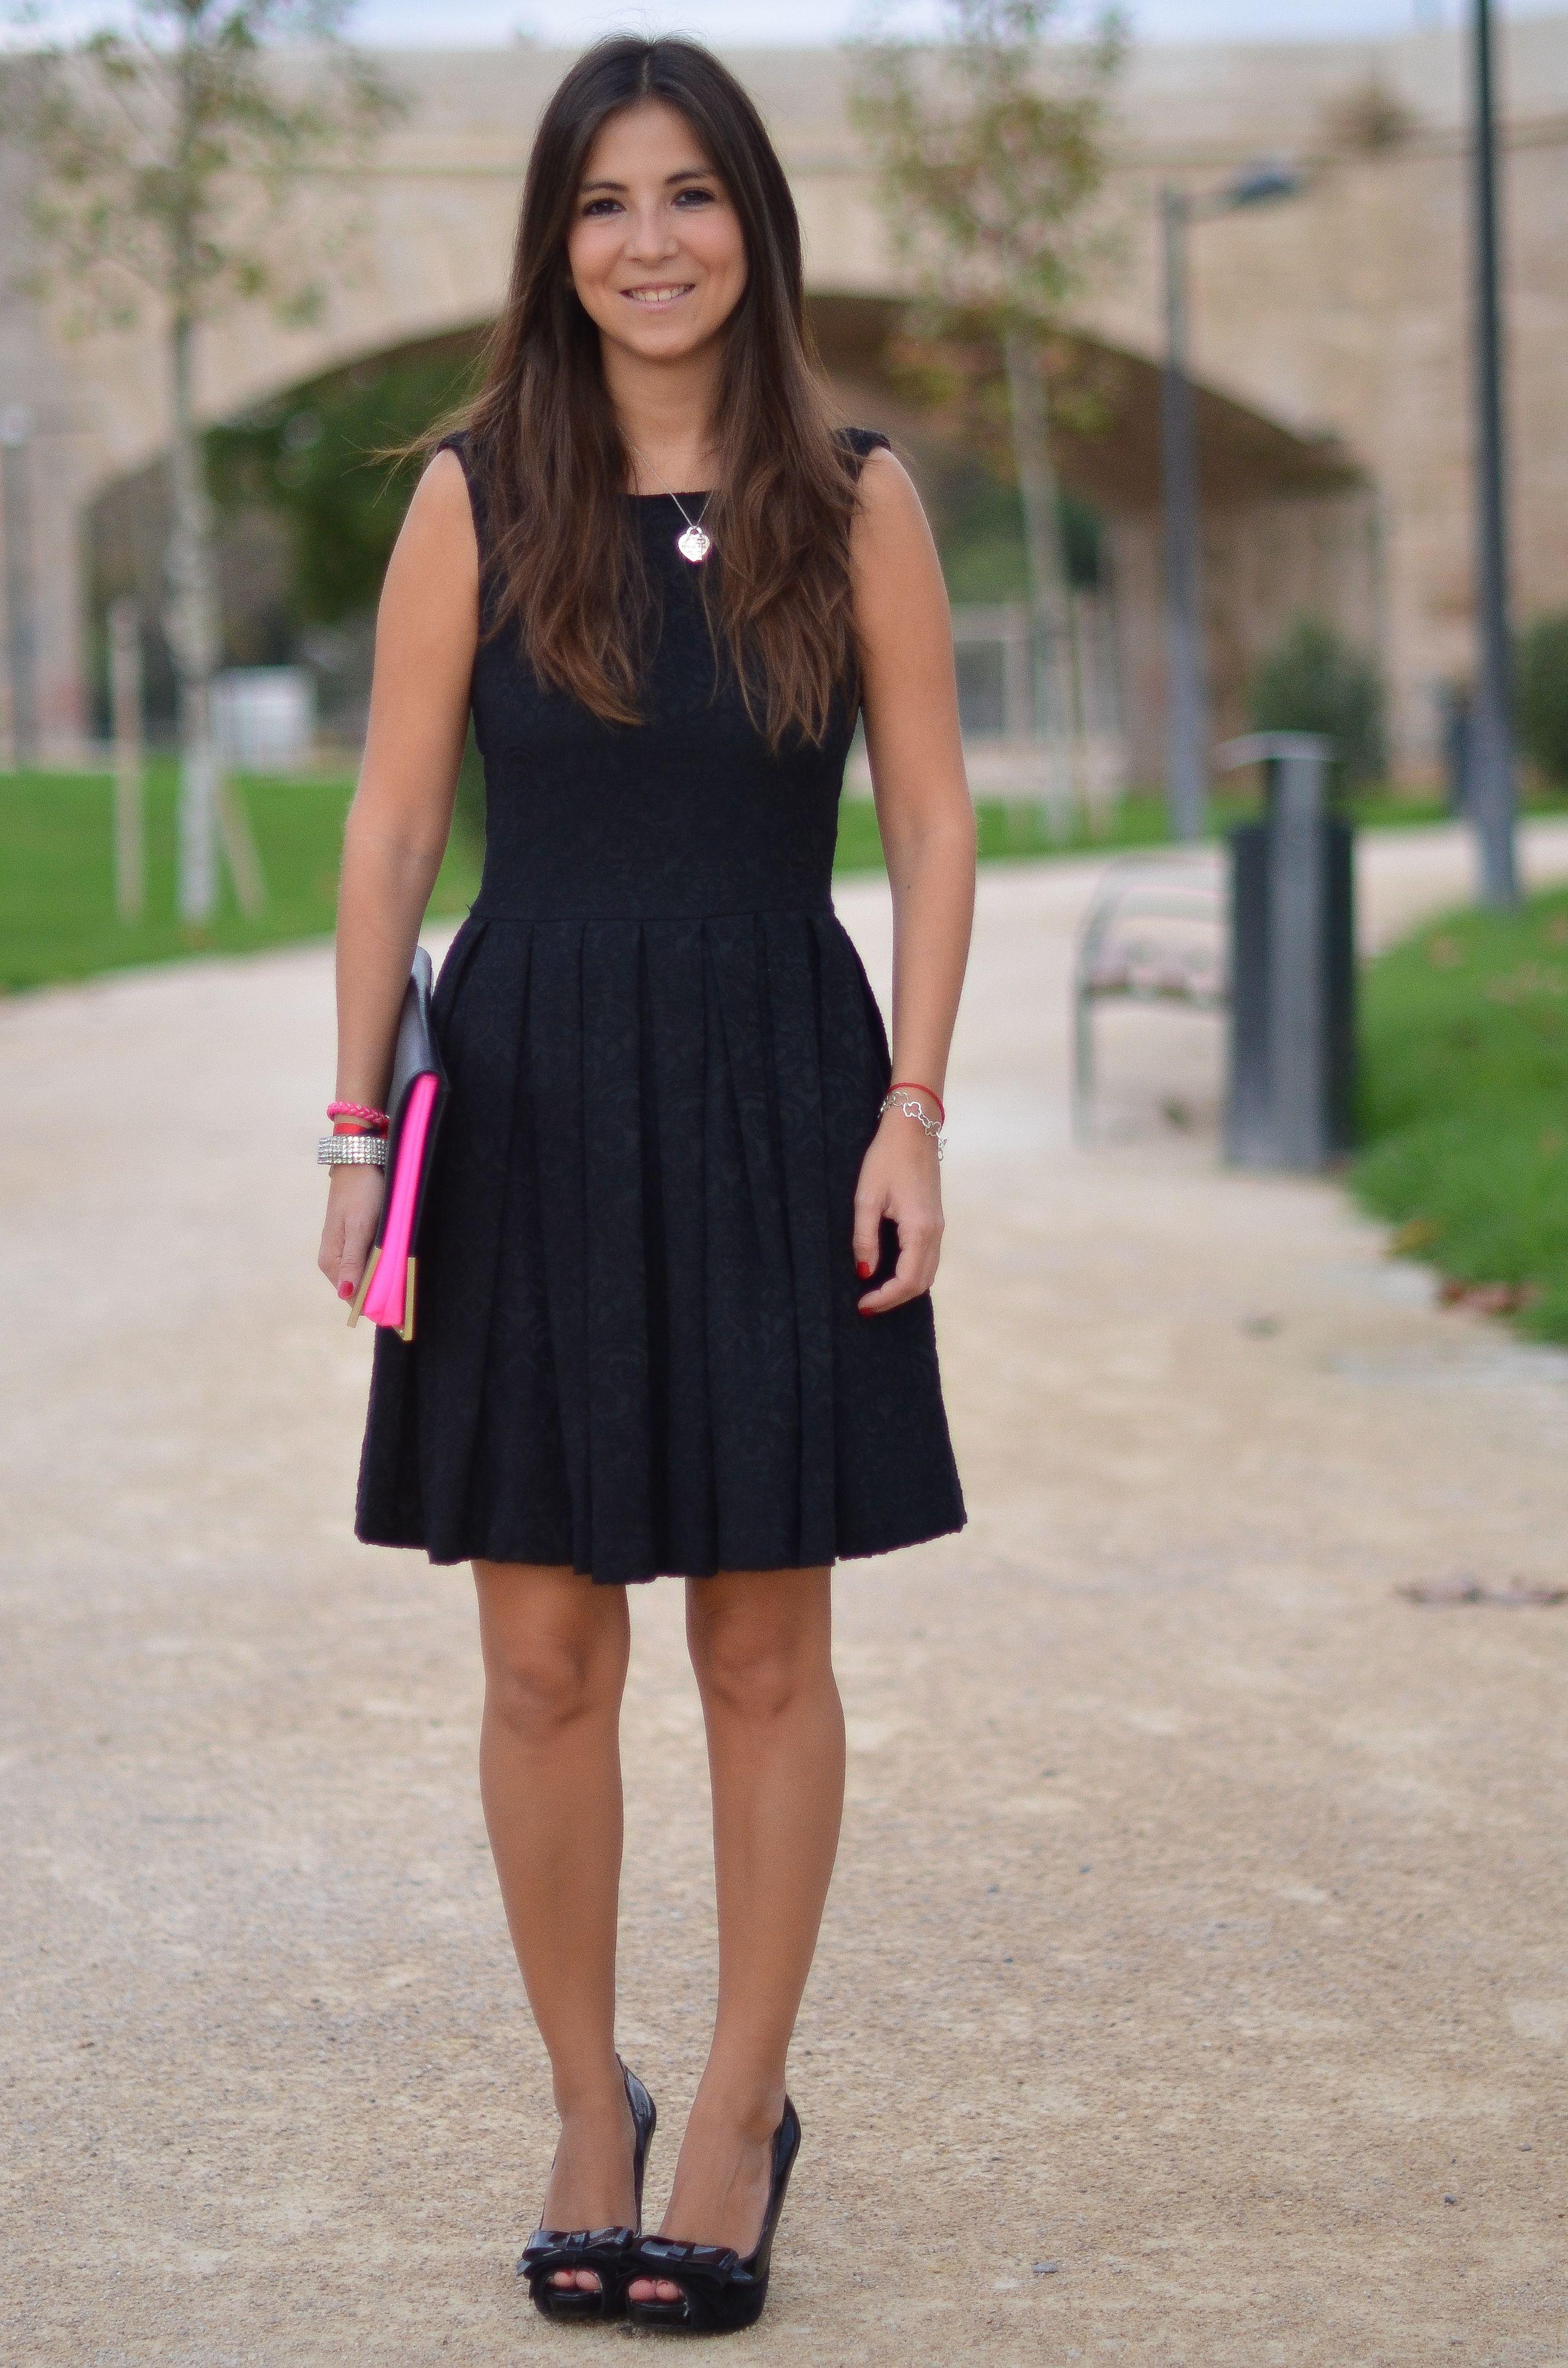 La elegancia del negro http://mariabernal.es/la-elegancia-del-negro/